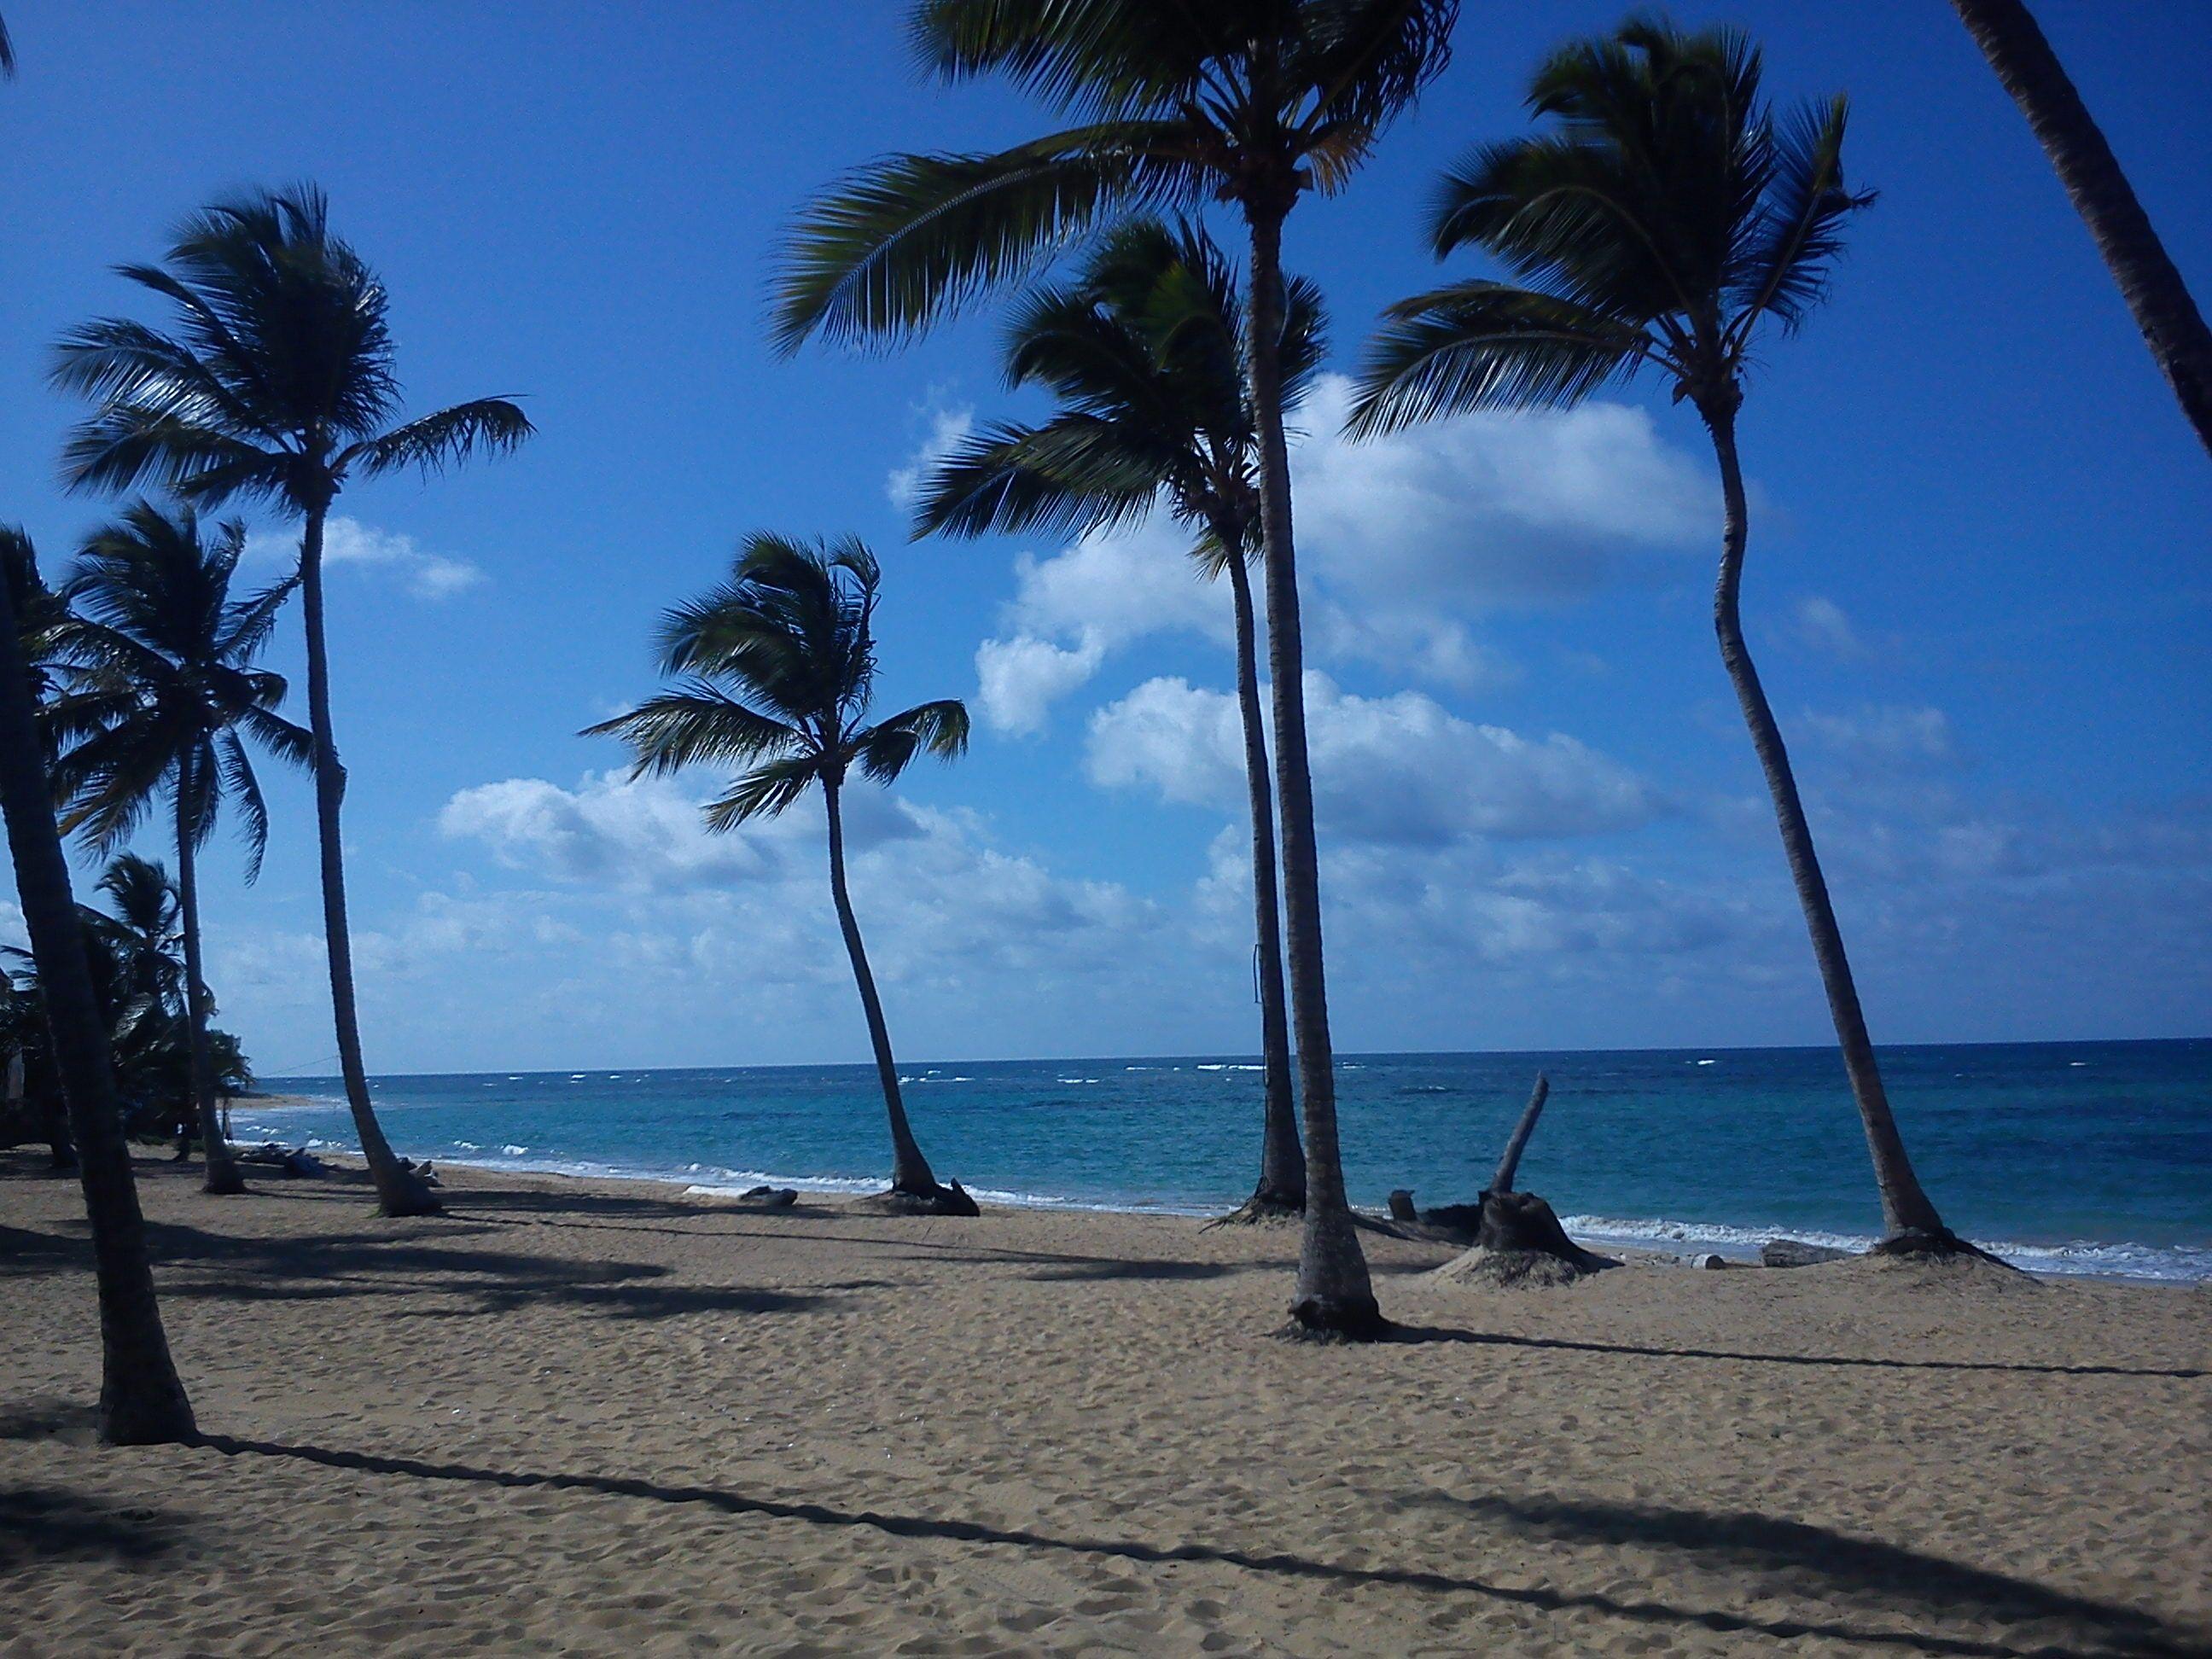 Atlantic ocean   Ocean, Beach, Atlantic ocean